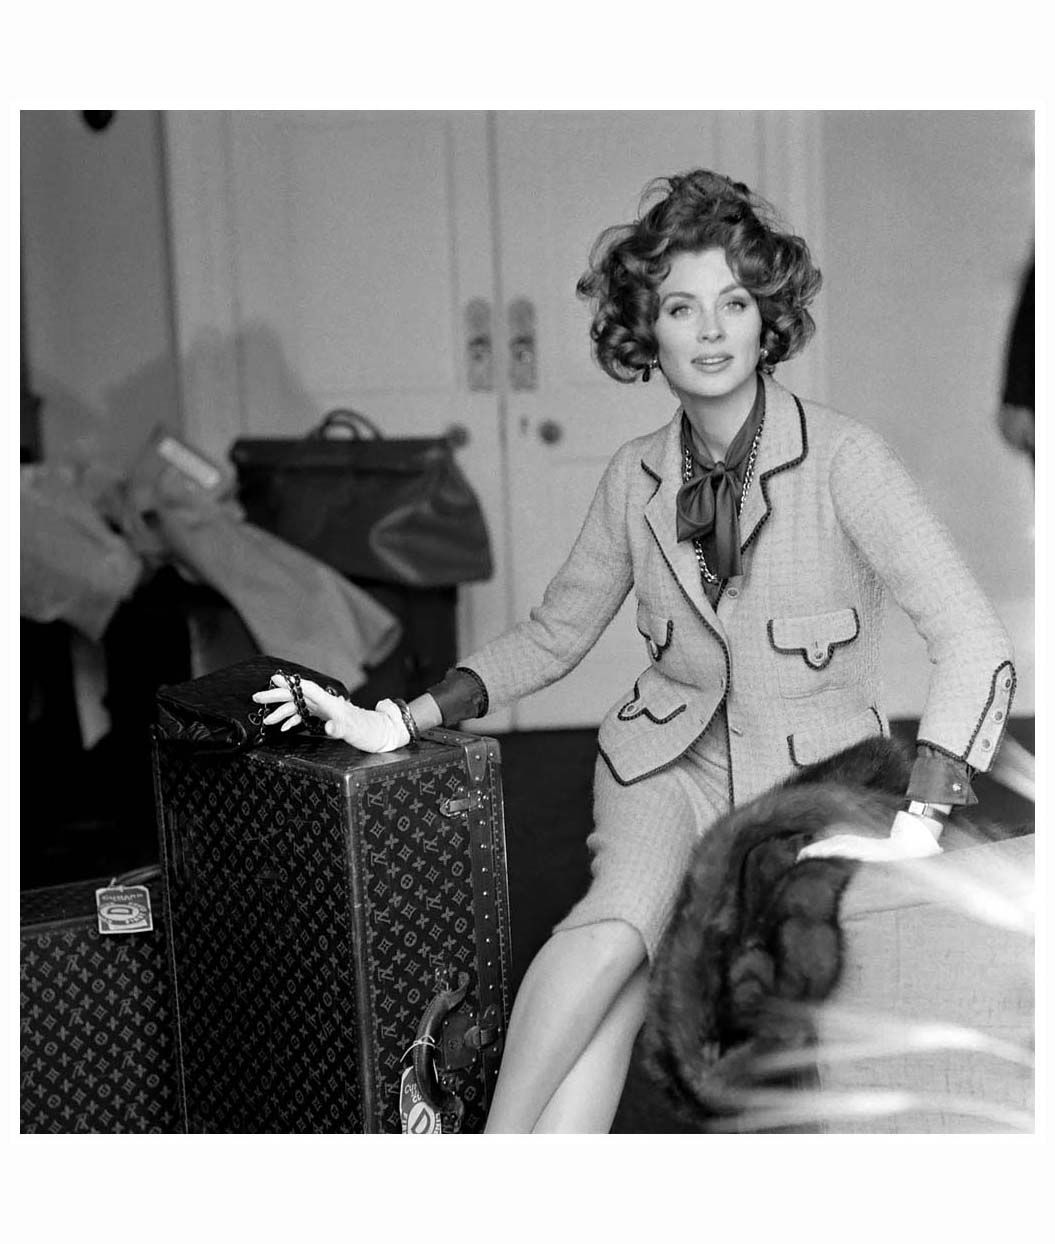 suzy-parker-photographie-dhenry-clarke-1960-vogue.jpg 1 9e31491a055